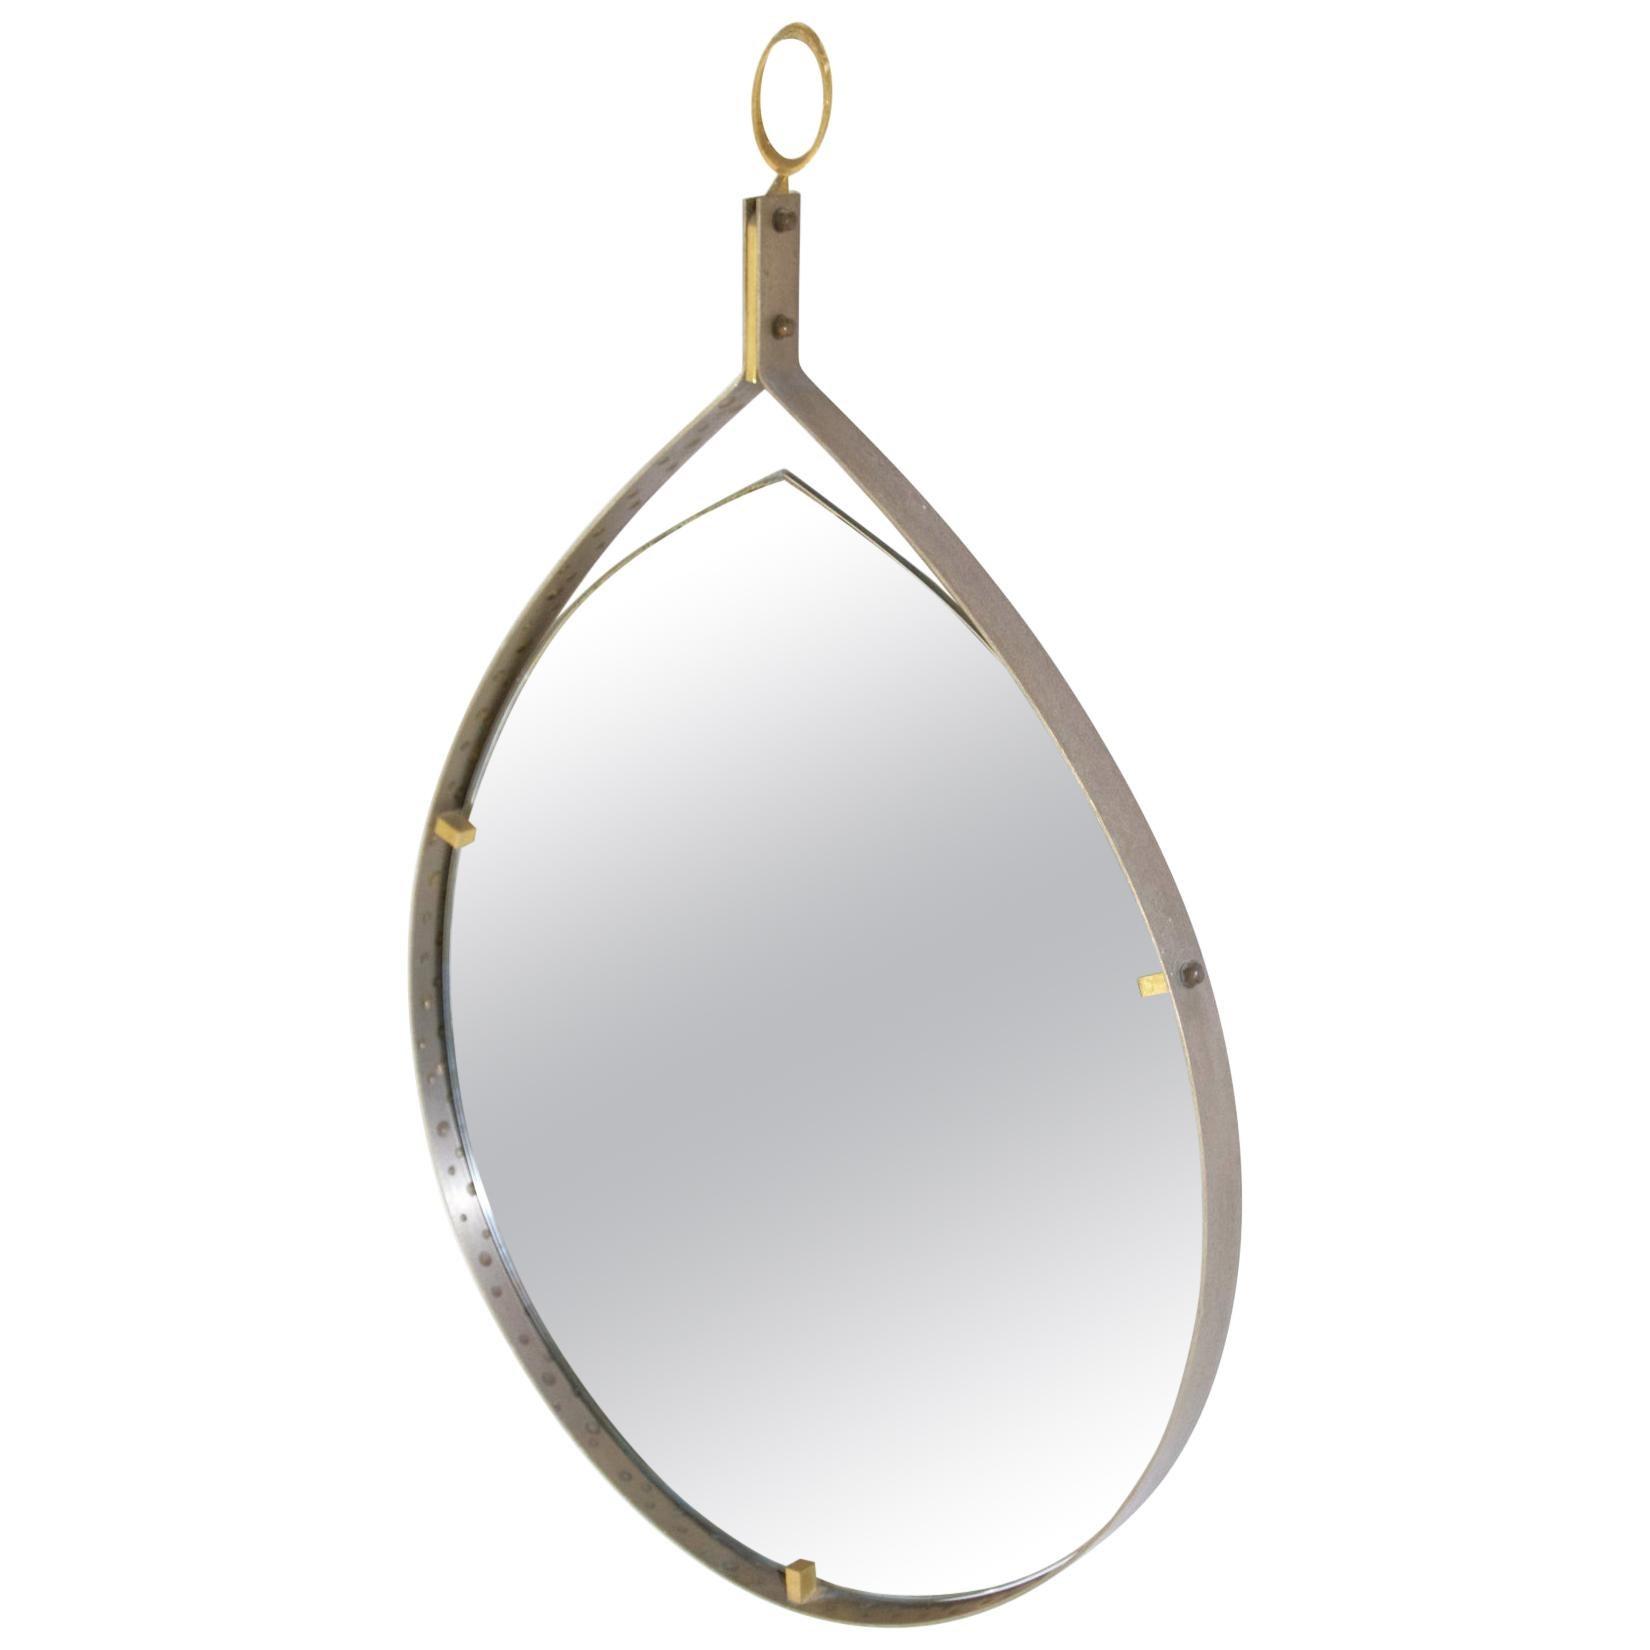 Midcentury Teardrop Mirror, Italy